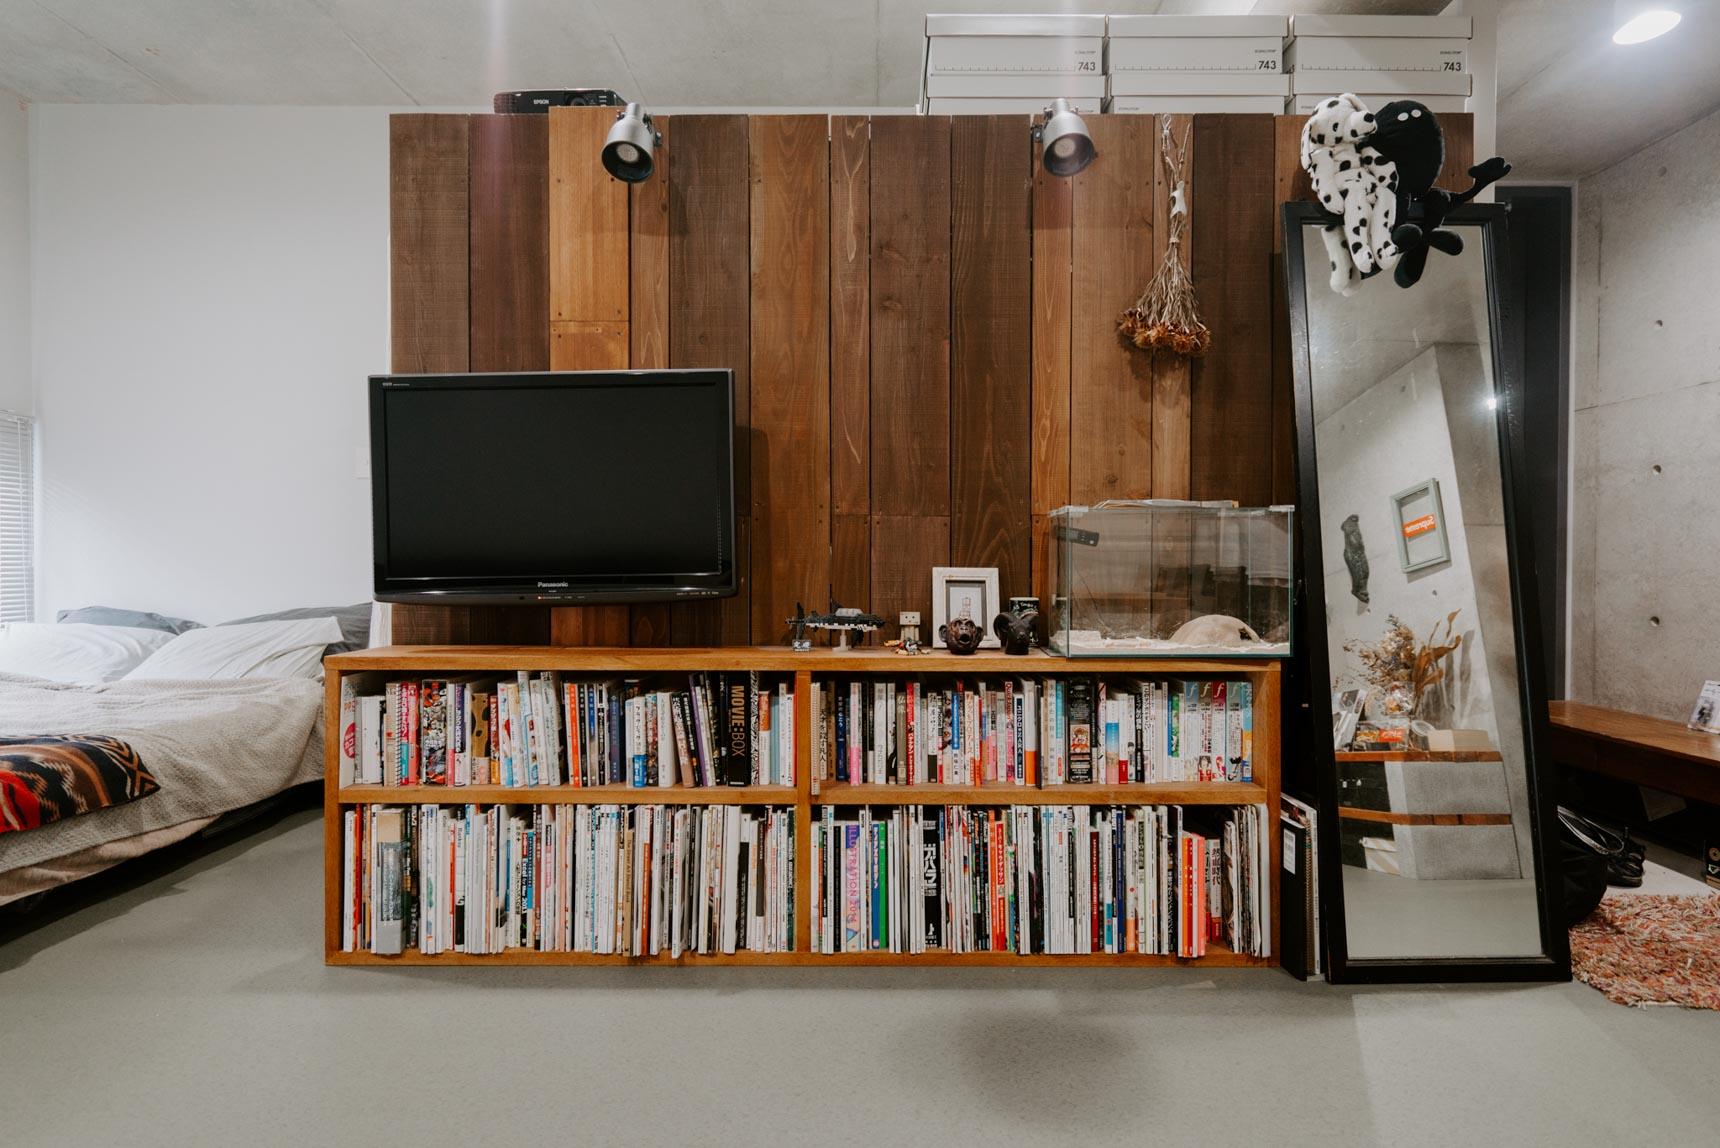 金具を使って壁につけているという方も。でも、賃貸なのにどうやって?実は、壁自体を自分で立てているんです。